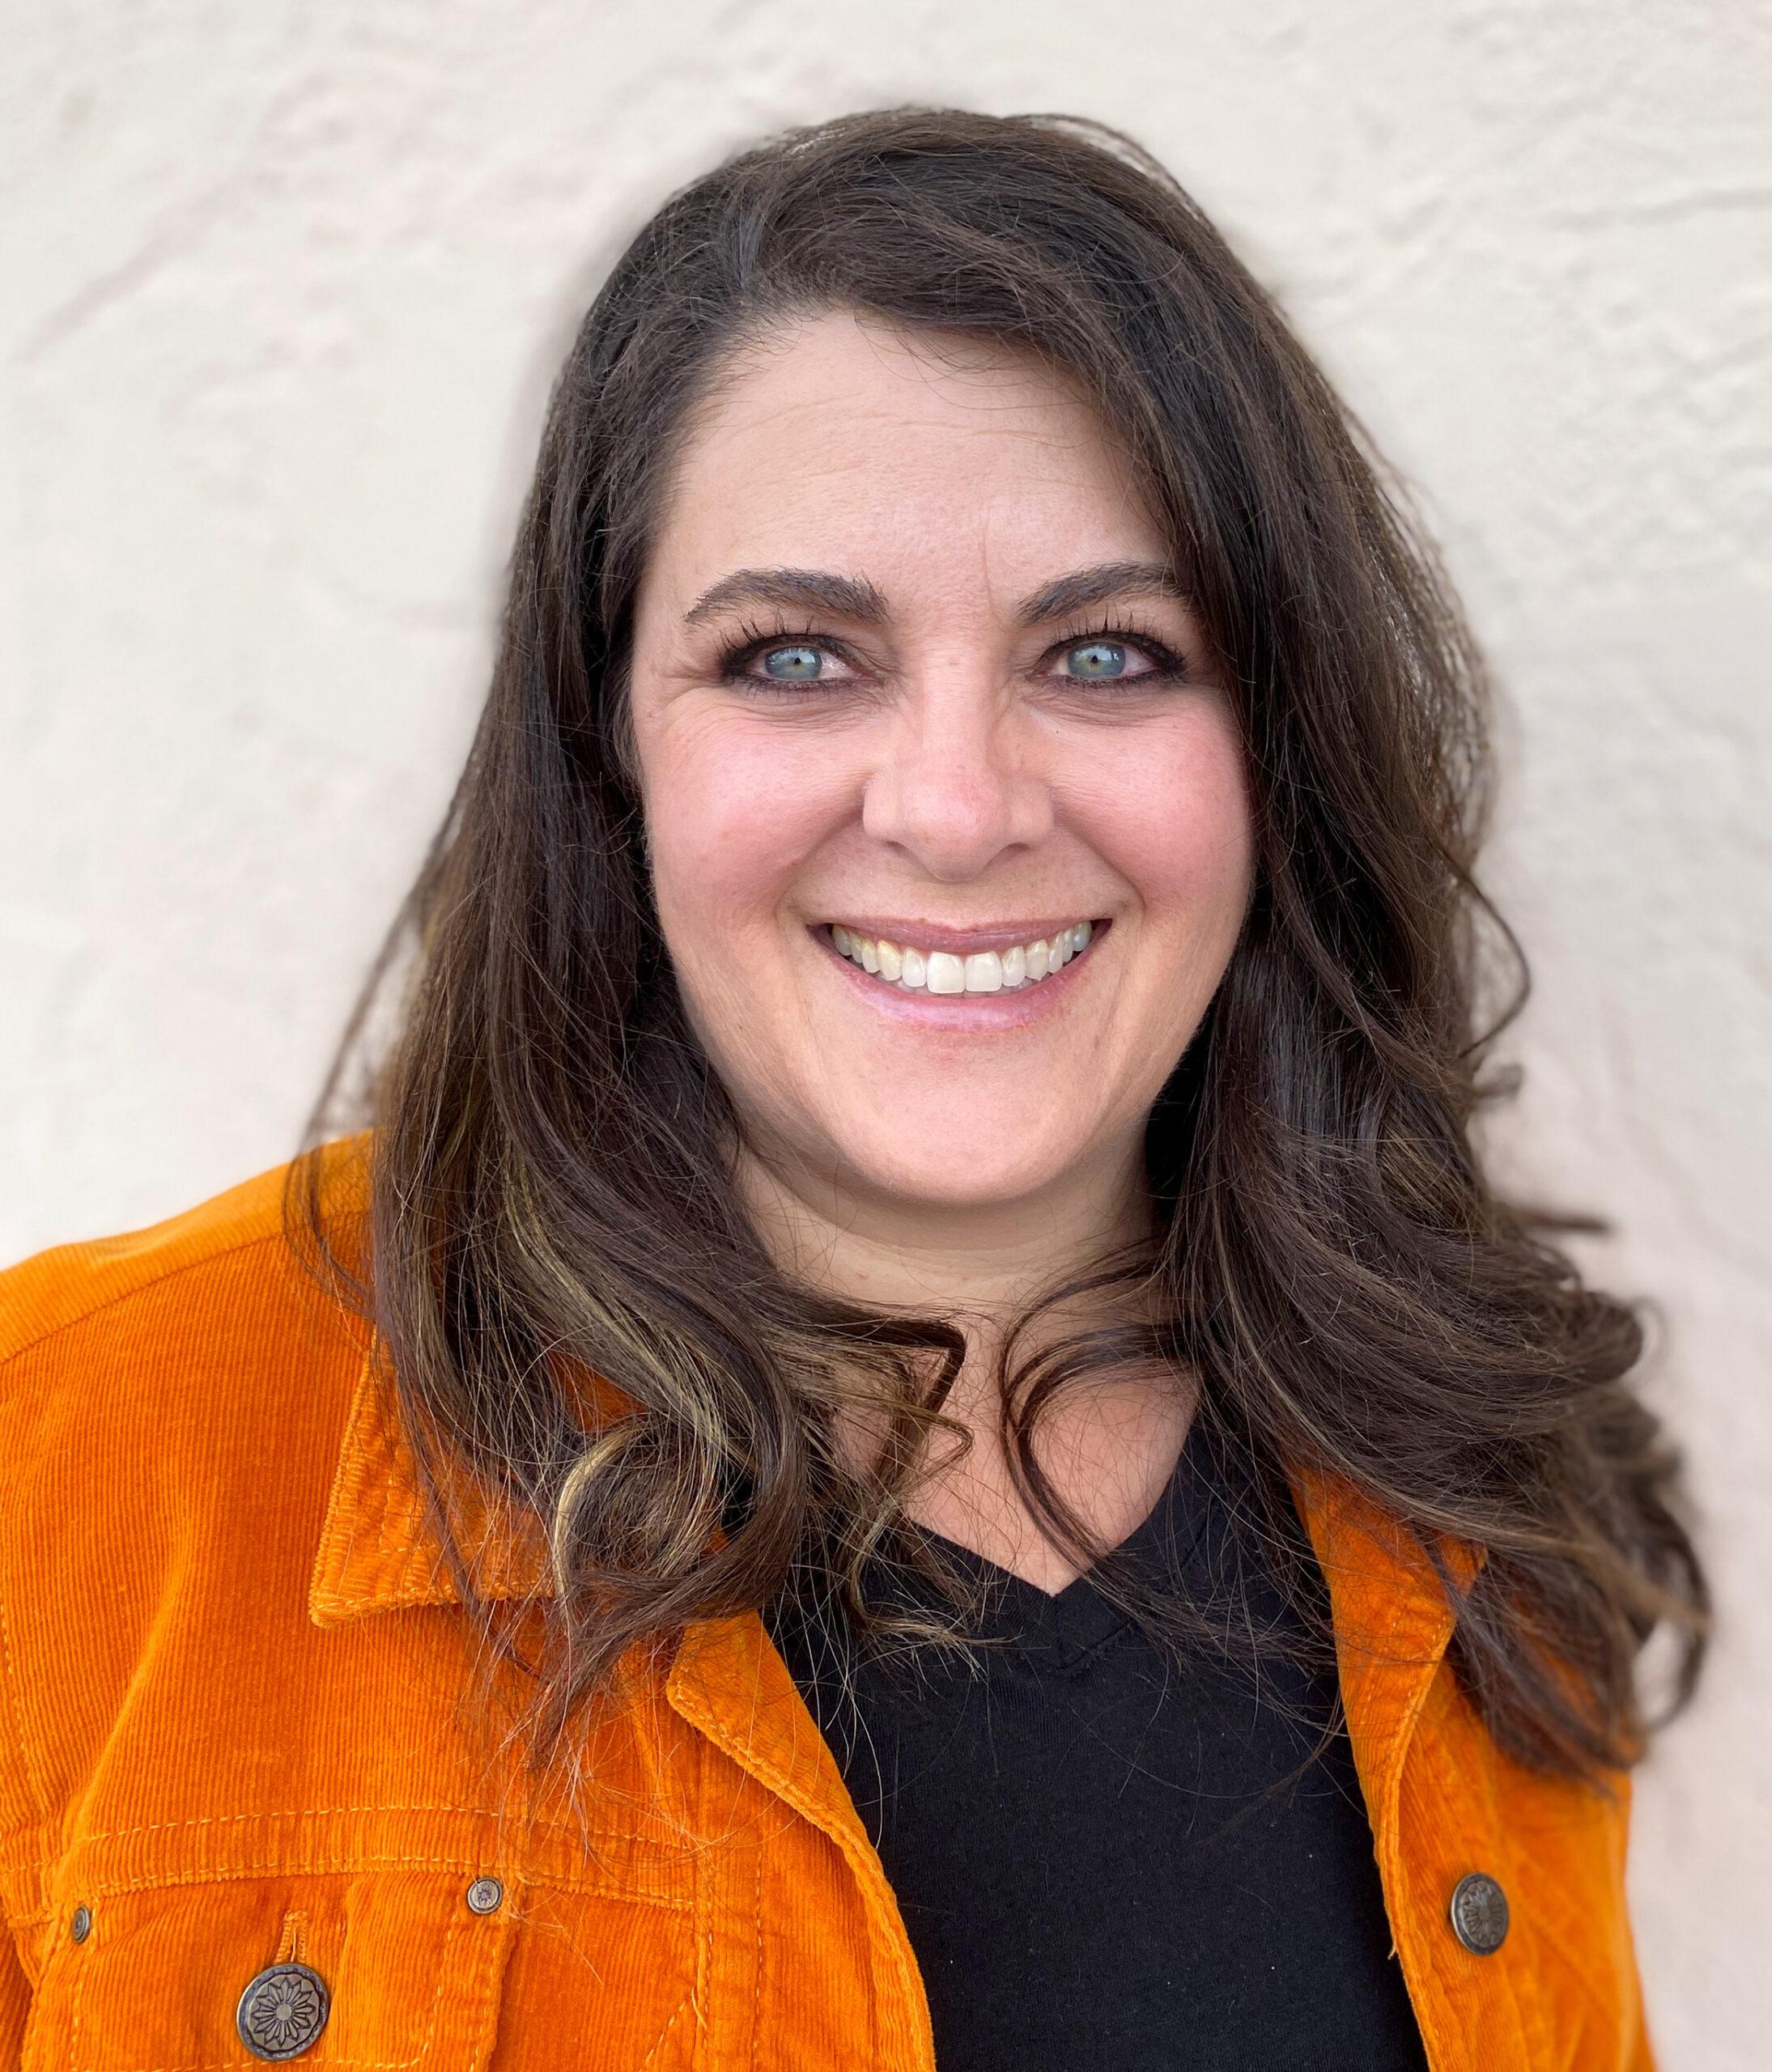 Tina Palumbo